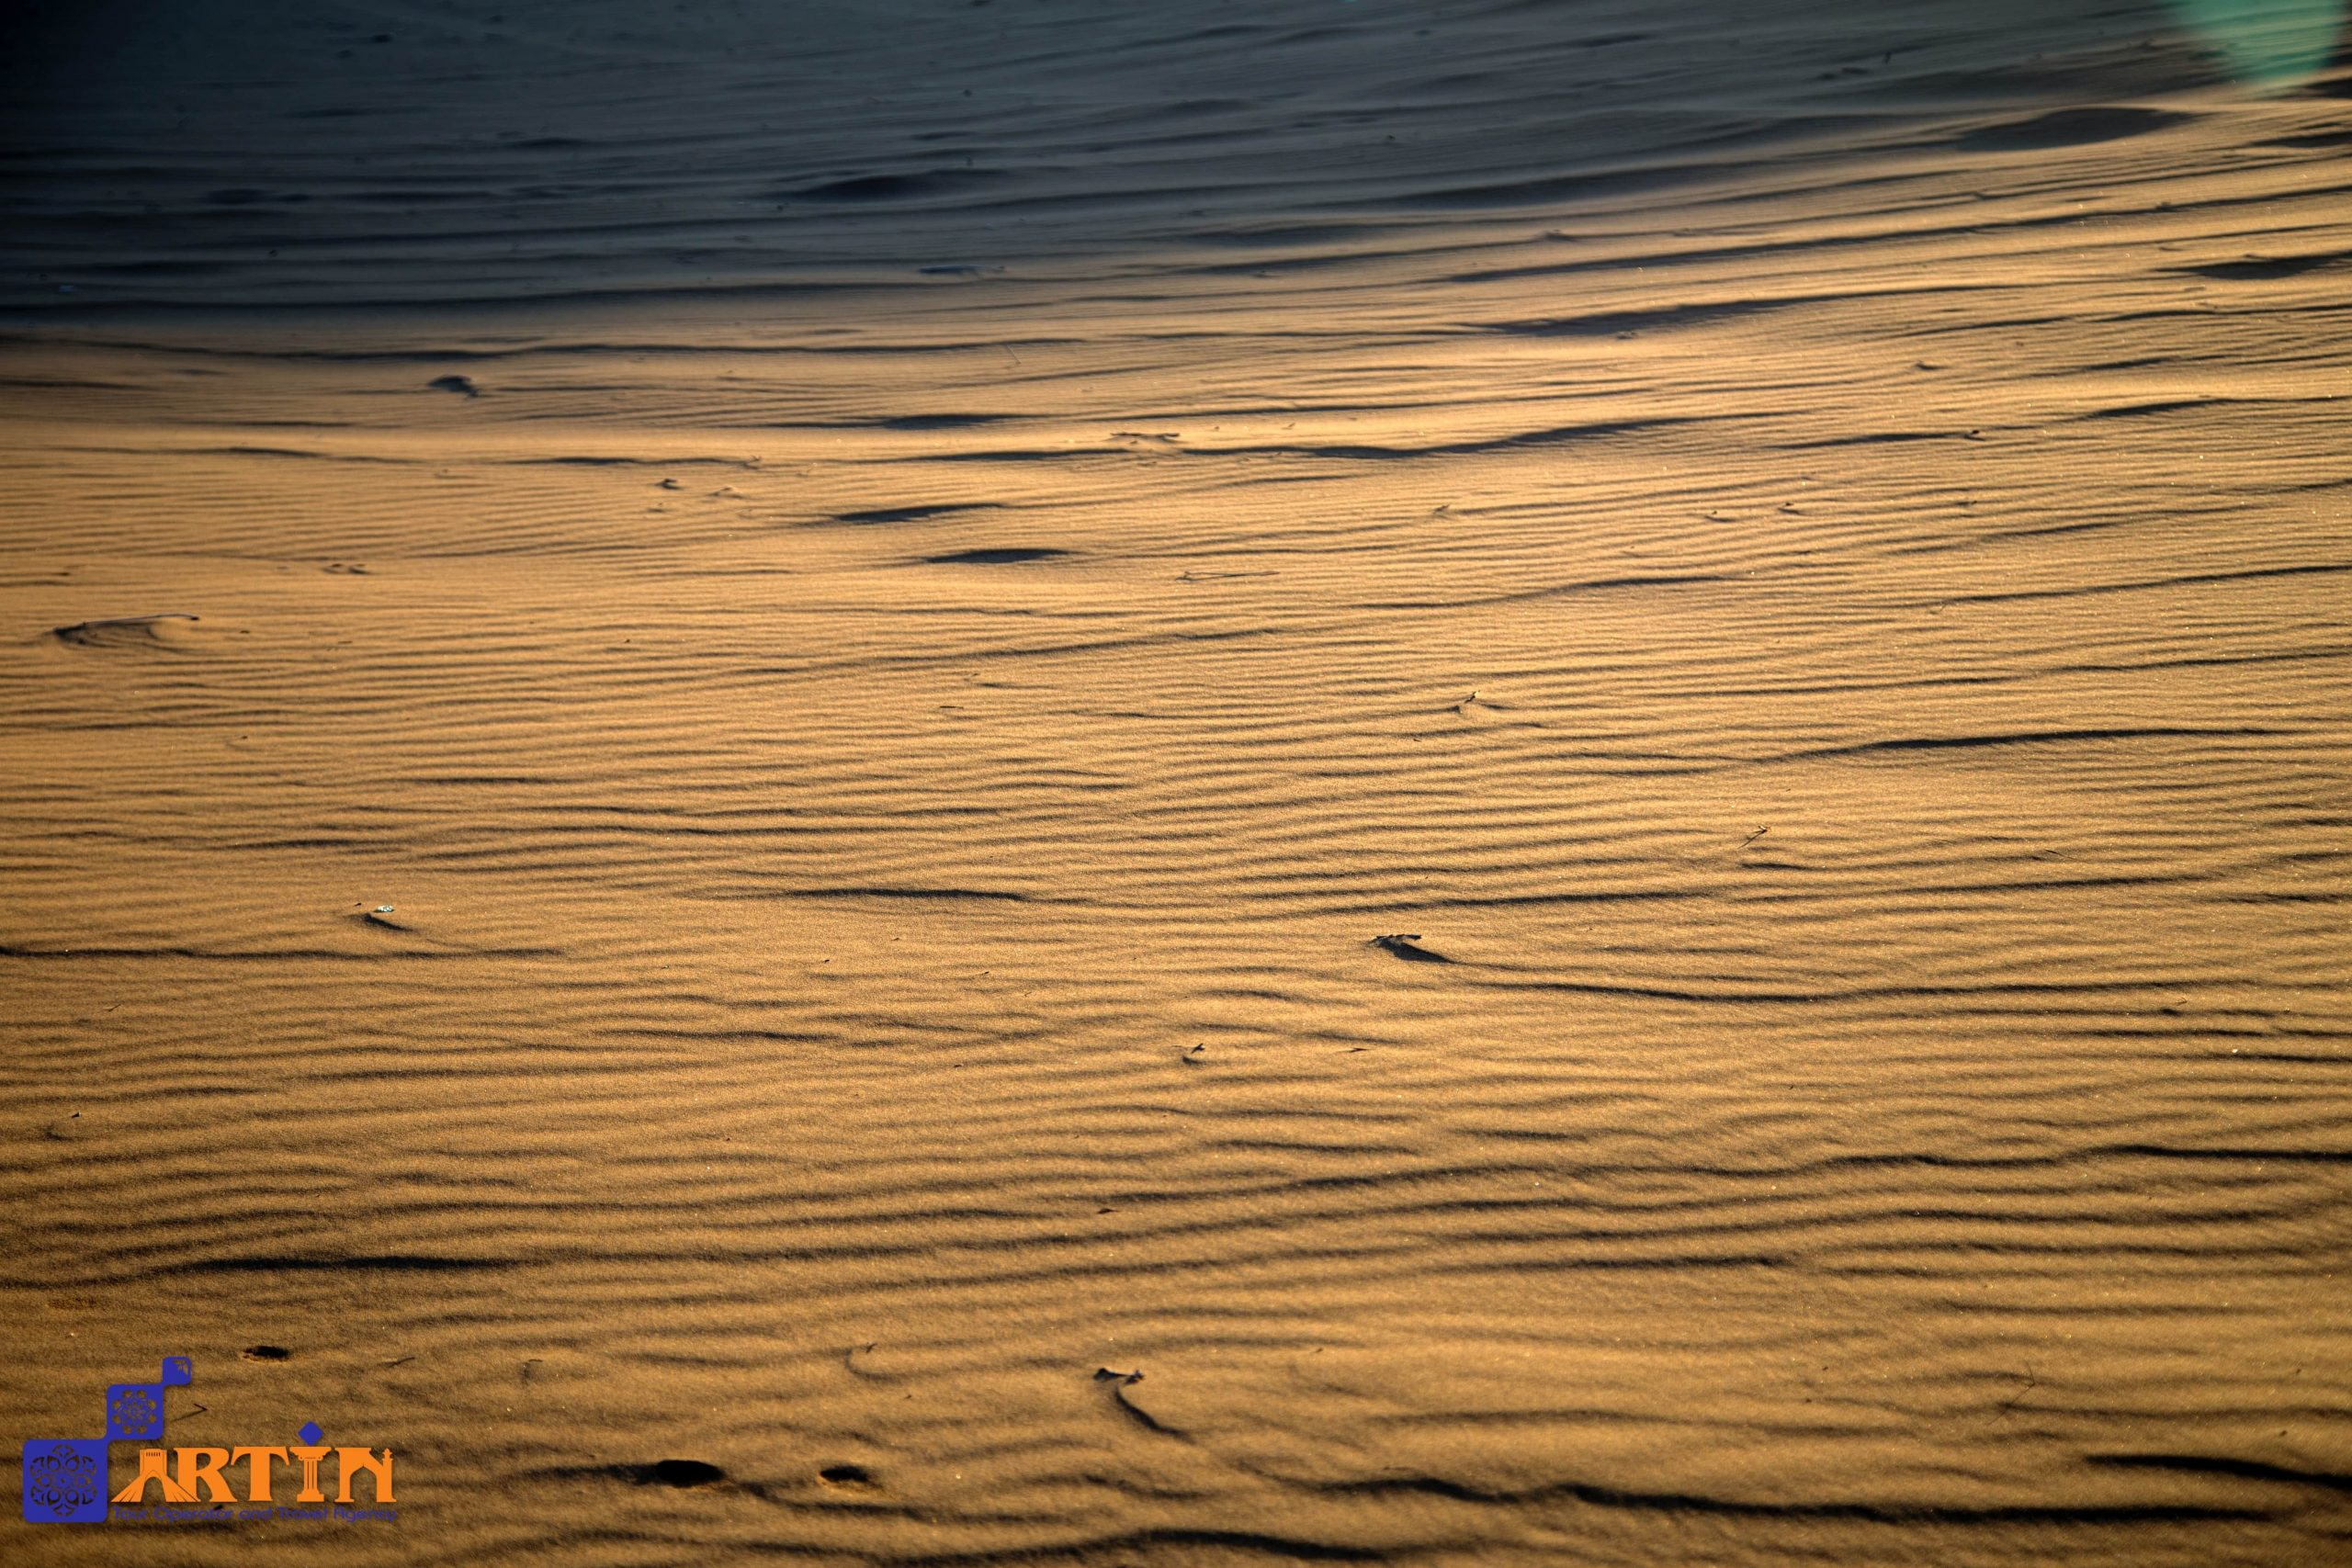 Maranjab desert Iran tour hottest spot